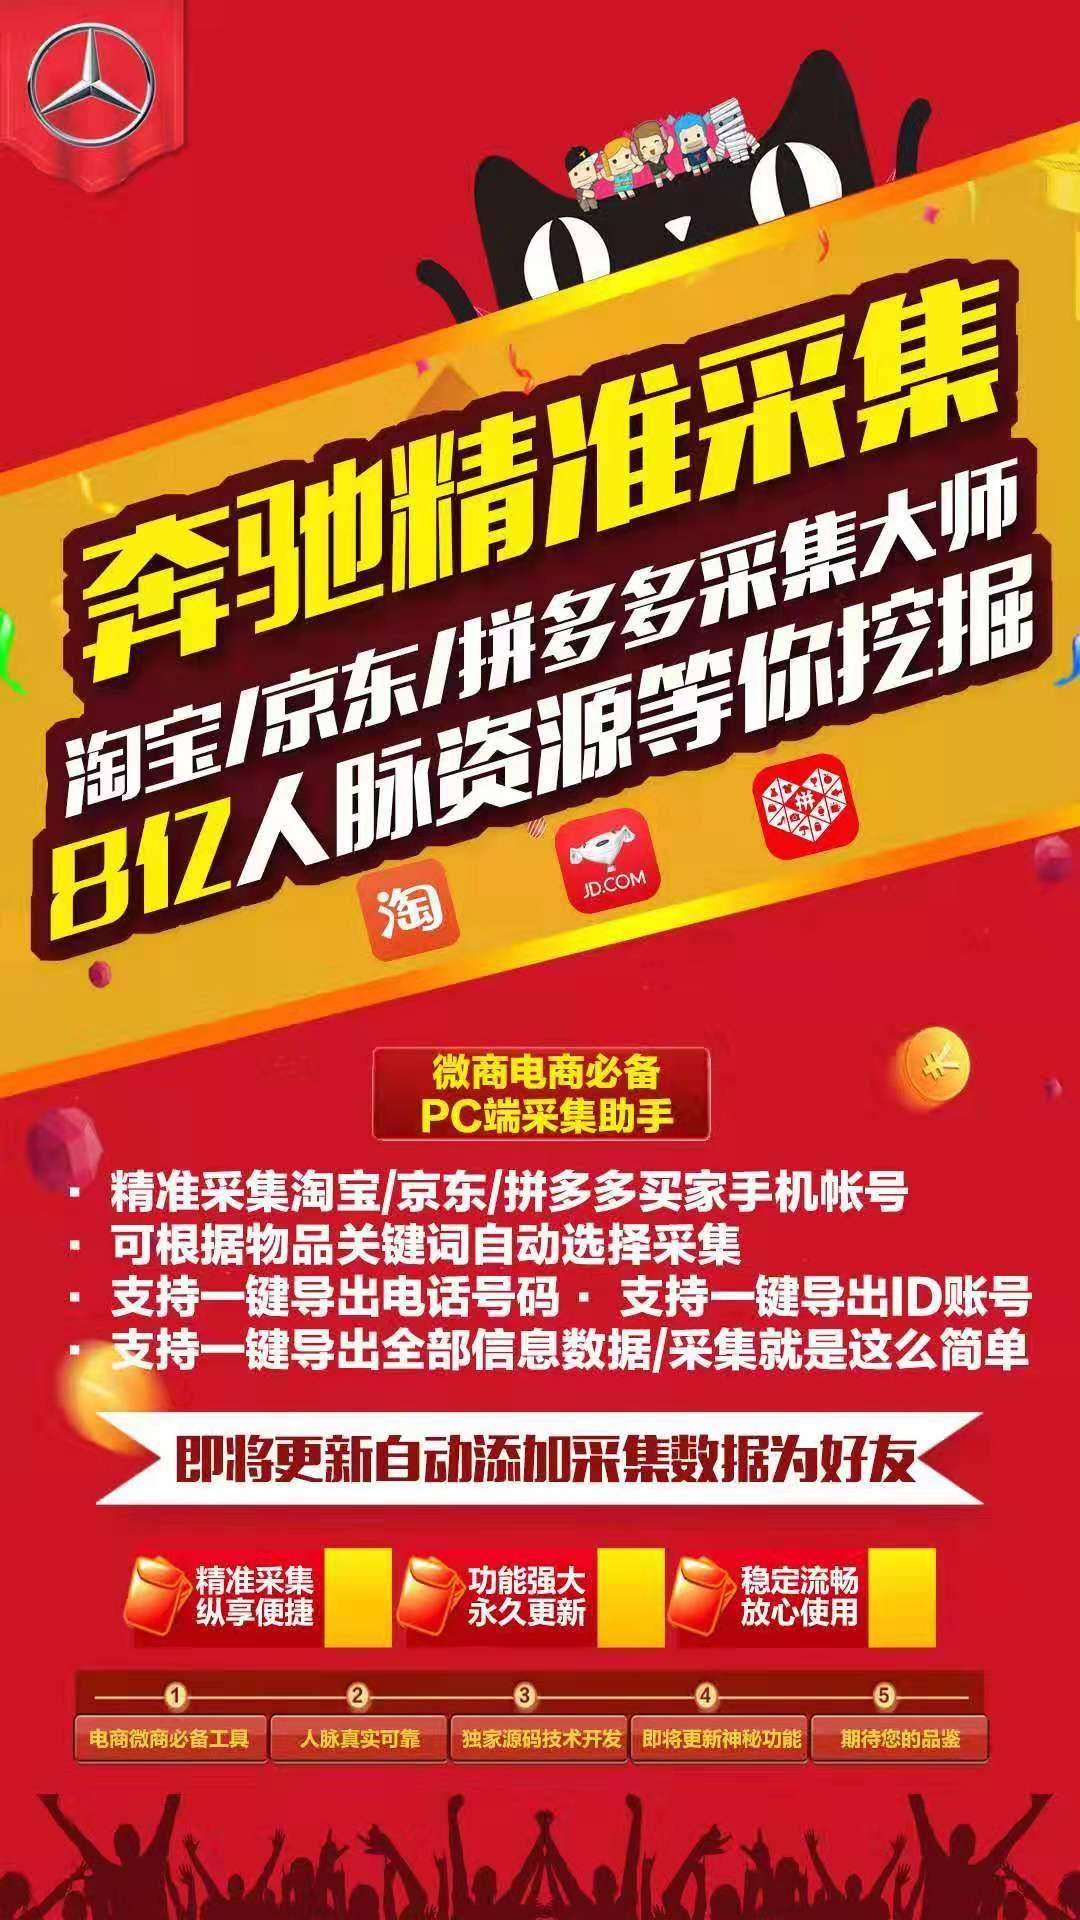 奔驰淘宝京东拼多多三网采集年卡【电脑】